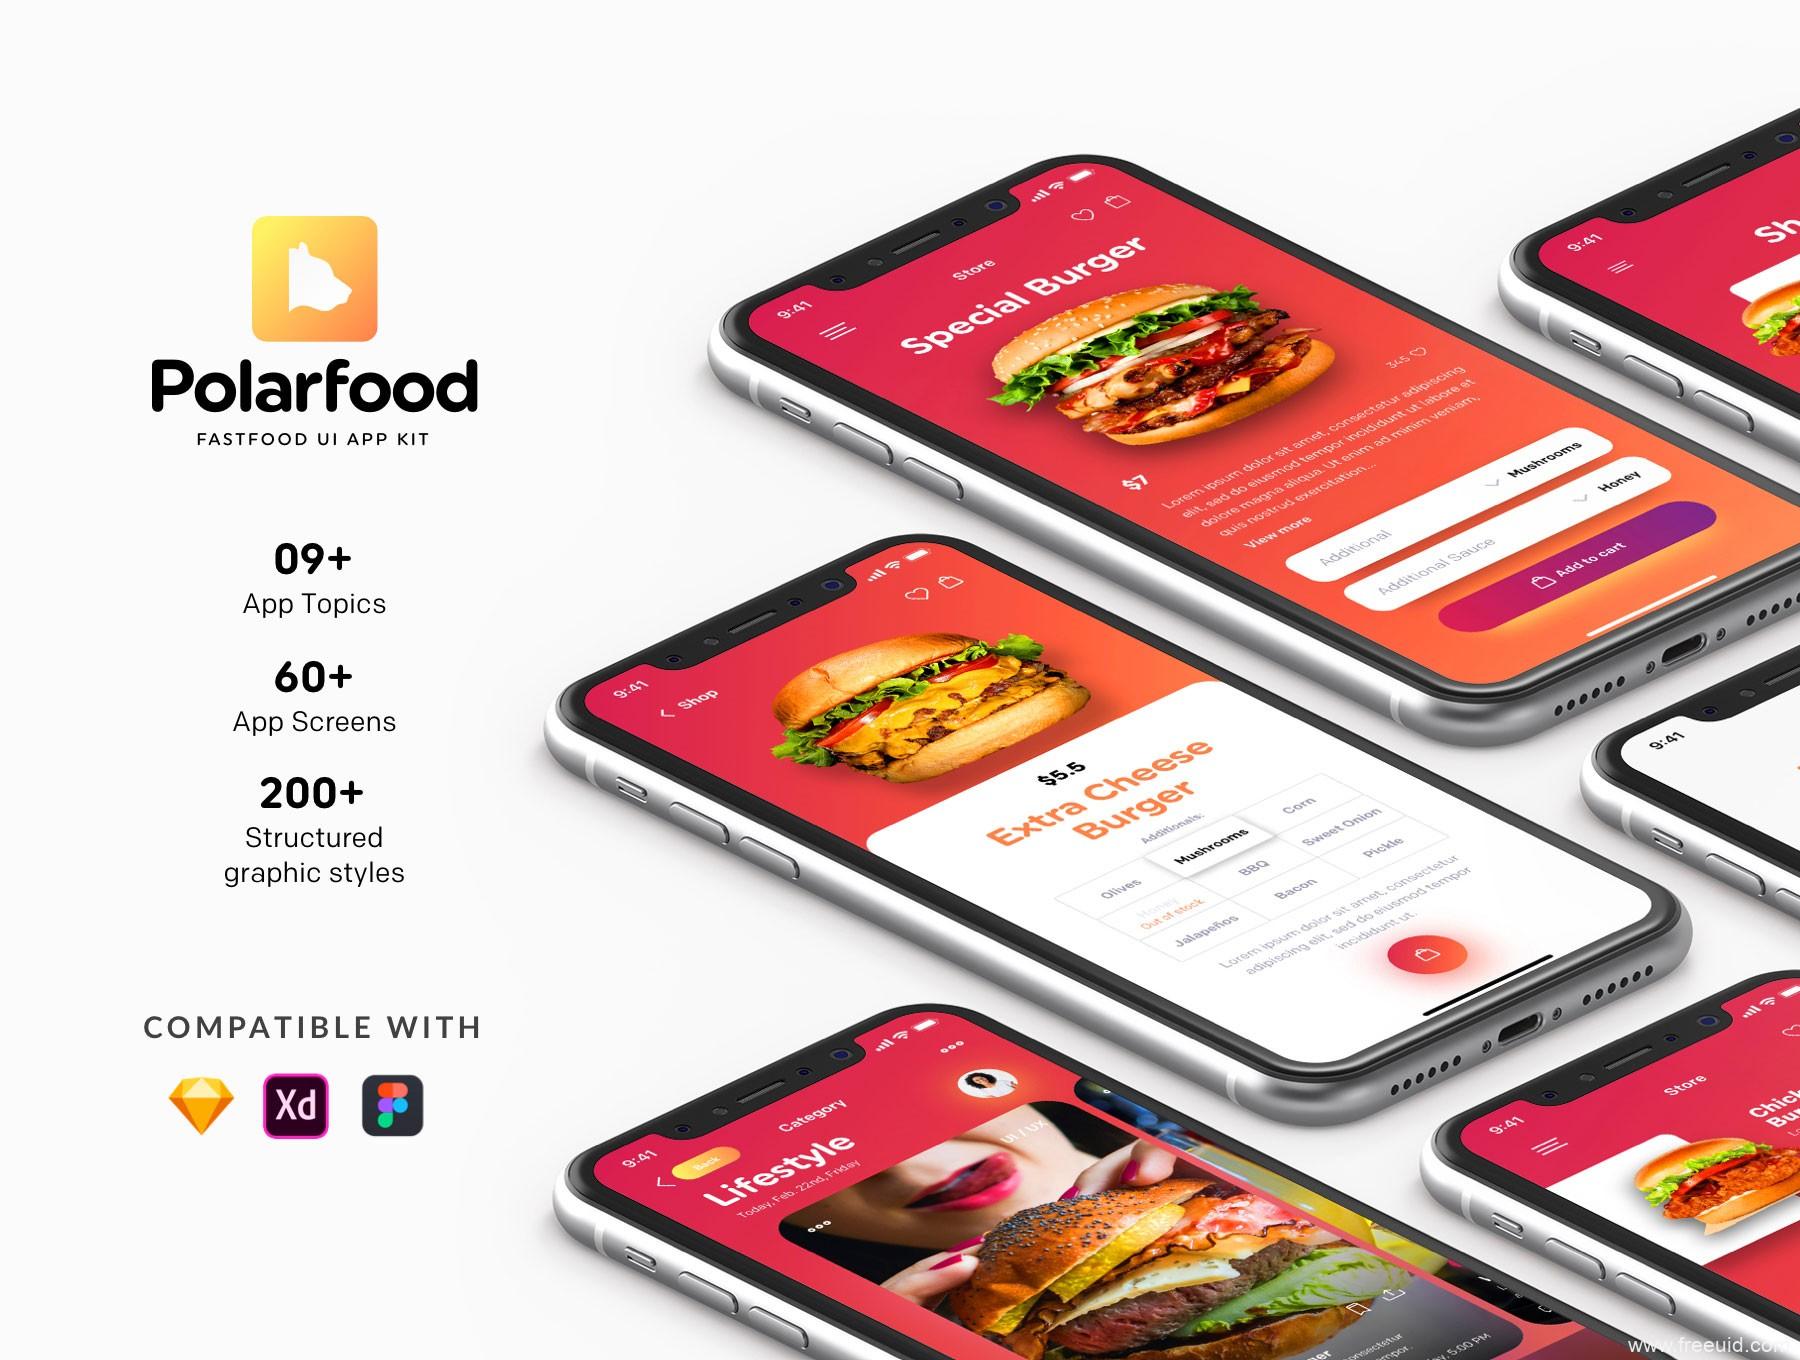 美食快餐app UI源文件下载,快餐汉堡UI界面设计,肯德基、麦当劳点餐app UI素材下载